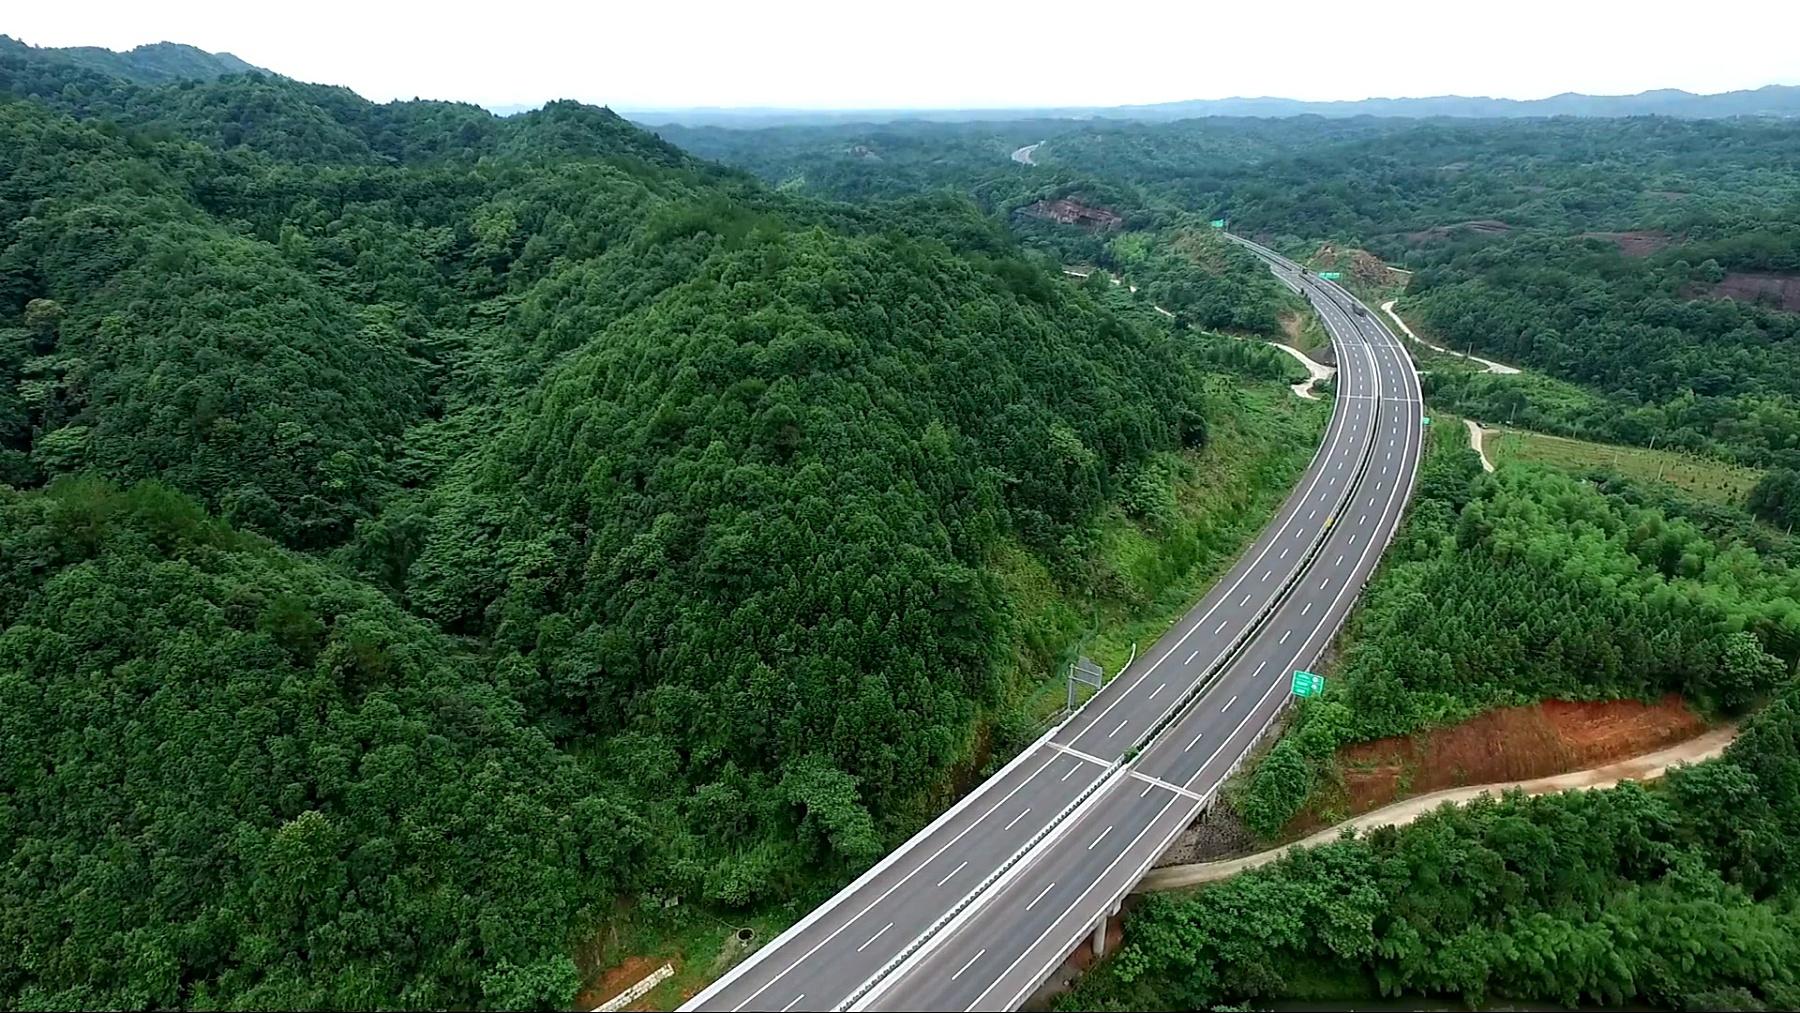 从鸟瞰公路穿过群山